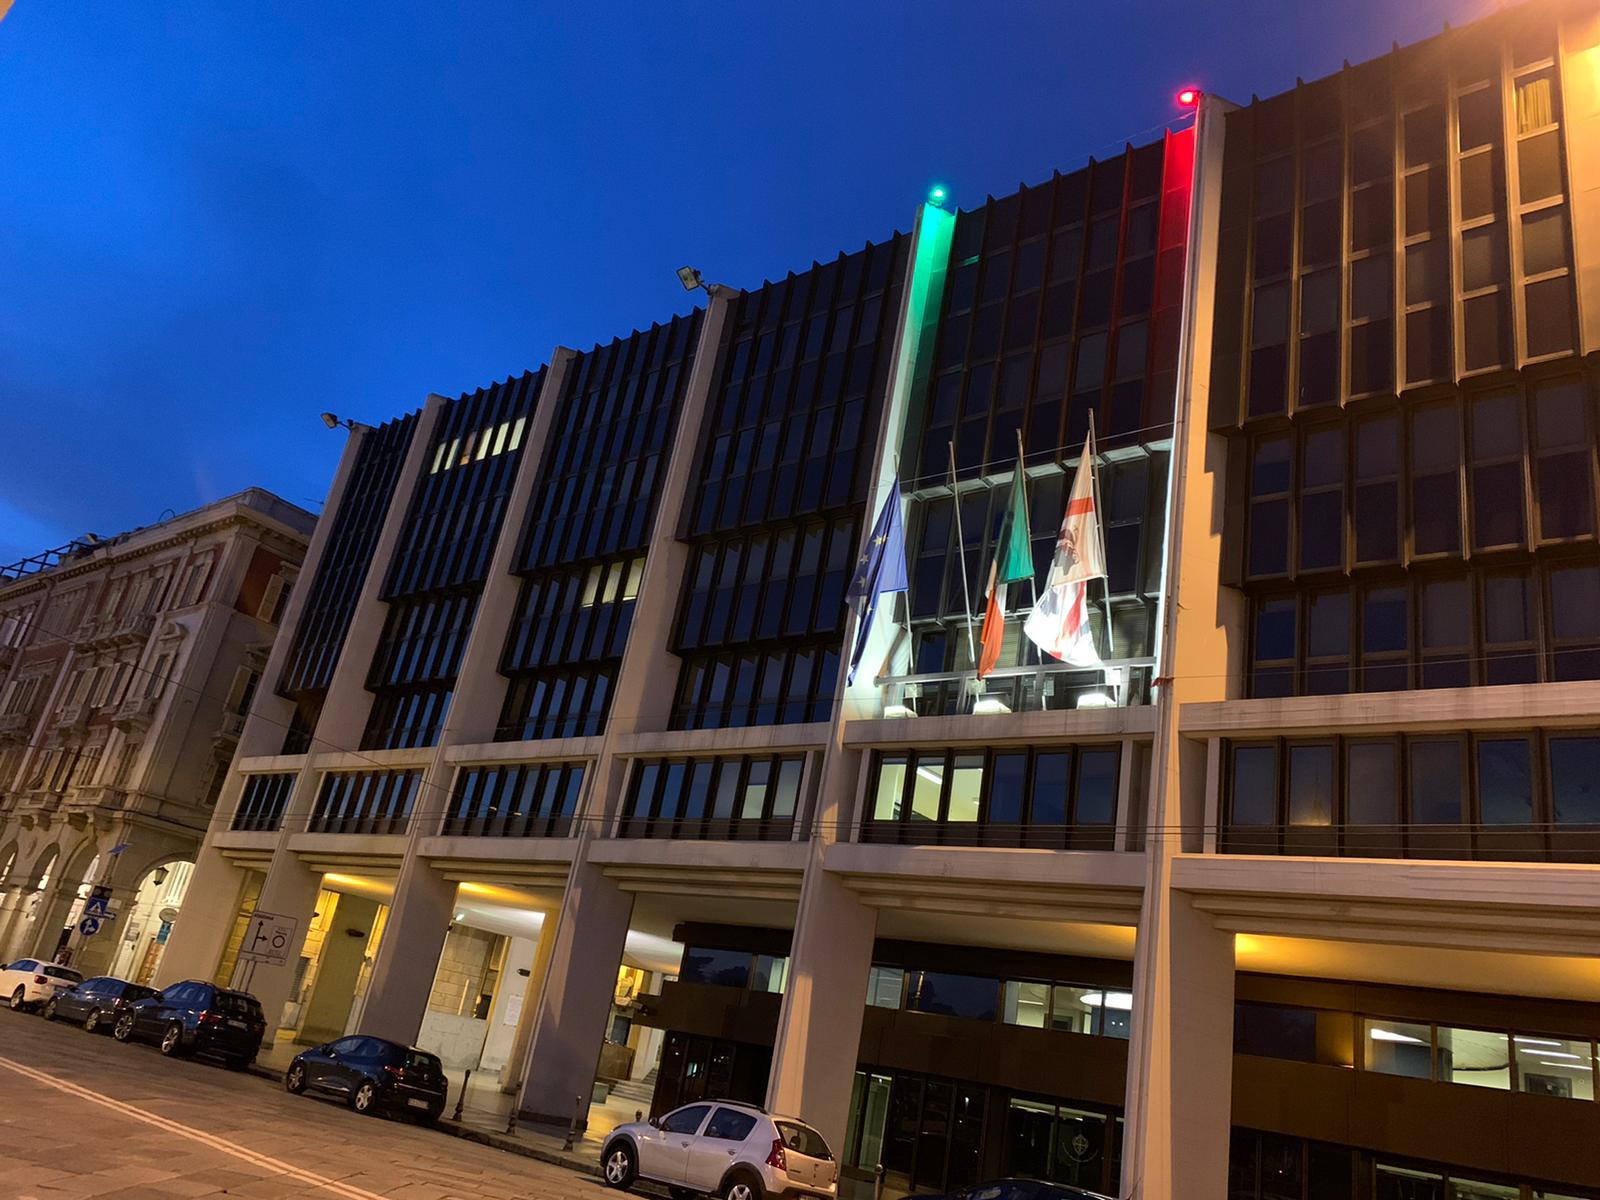 Il Consiglio regionale illuminato di verde, bianco e rosso